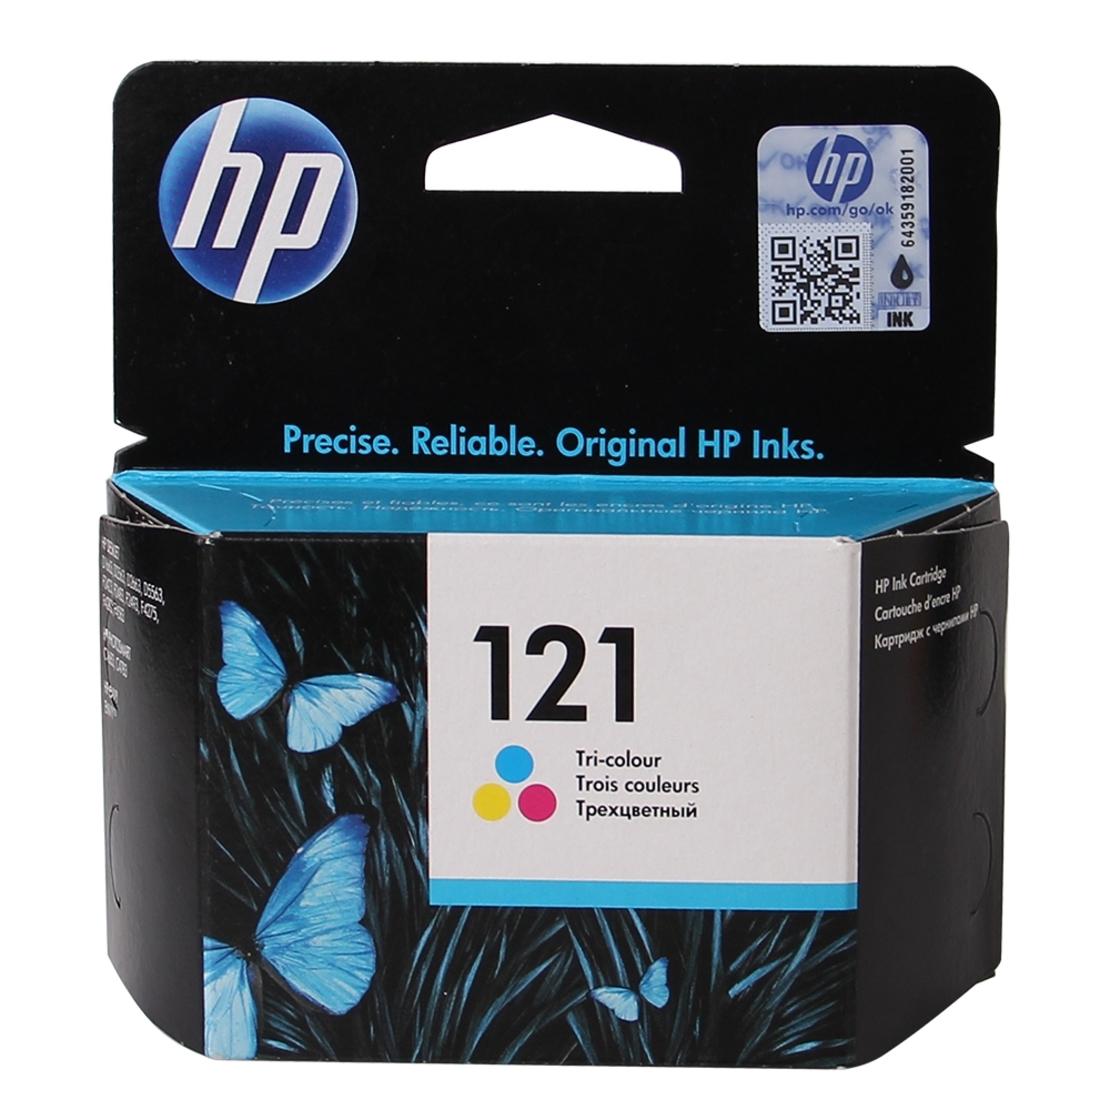 ראש דיו מקורי HP 121 צבעוני